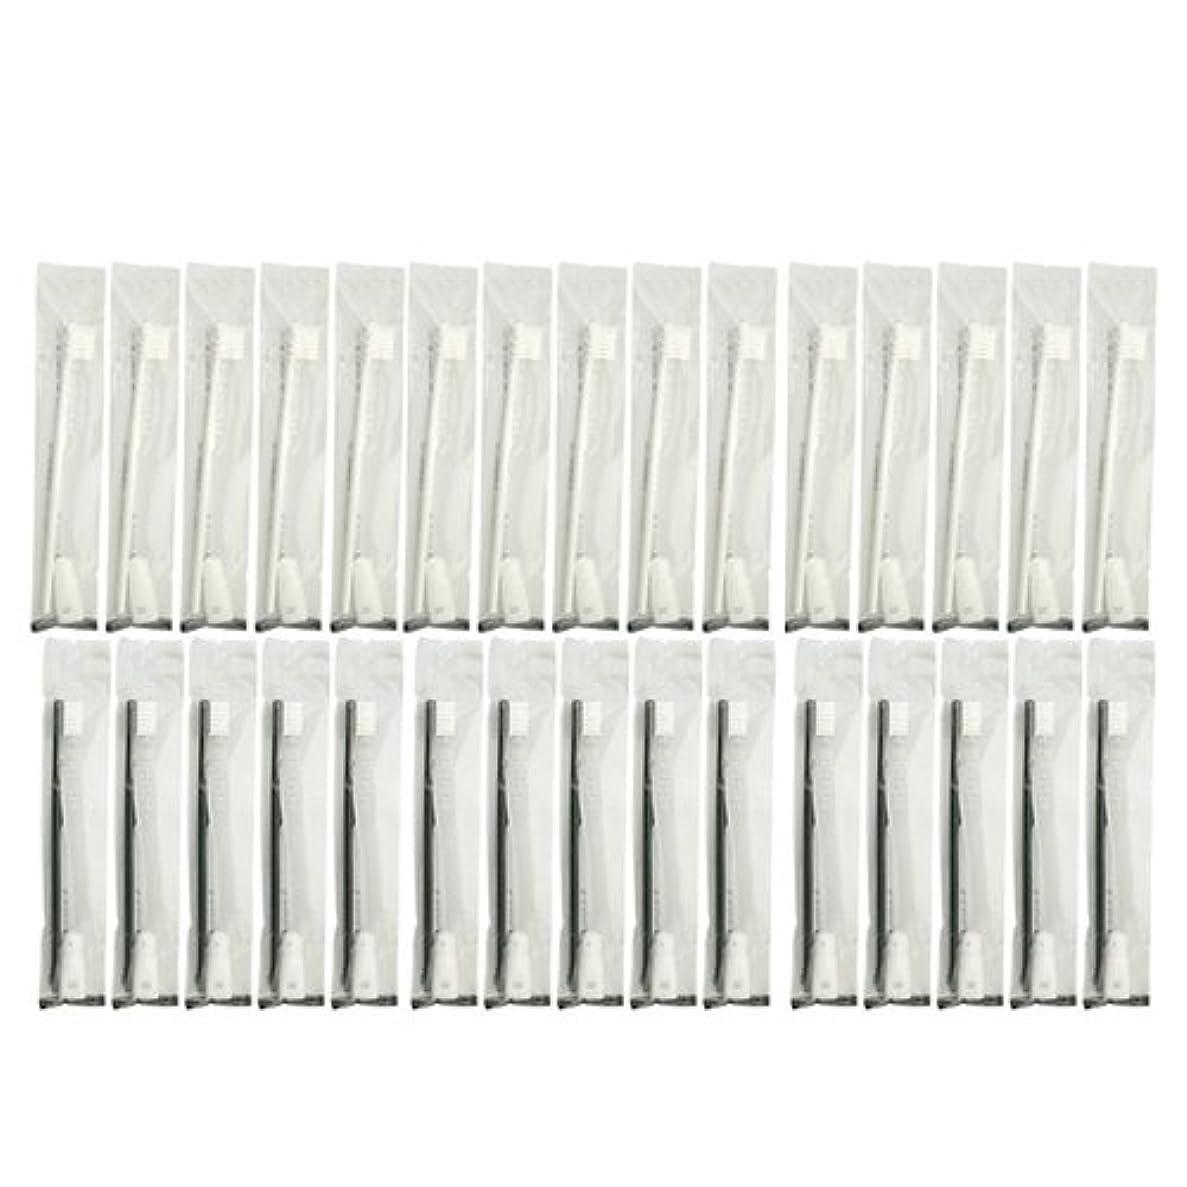 決めます特徴づけるロマンス業務用 使い捨て歯ブラシ チューブ歯磨き粉(3g)付き アソート 30本 (ブラック15本/ホワイト15本)セット│ホテルアメニティ 個包装タイプ